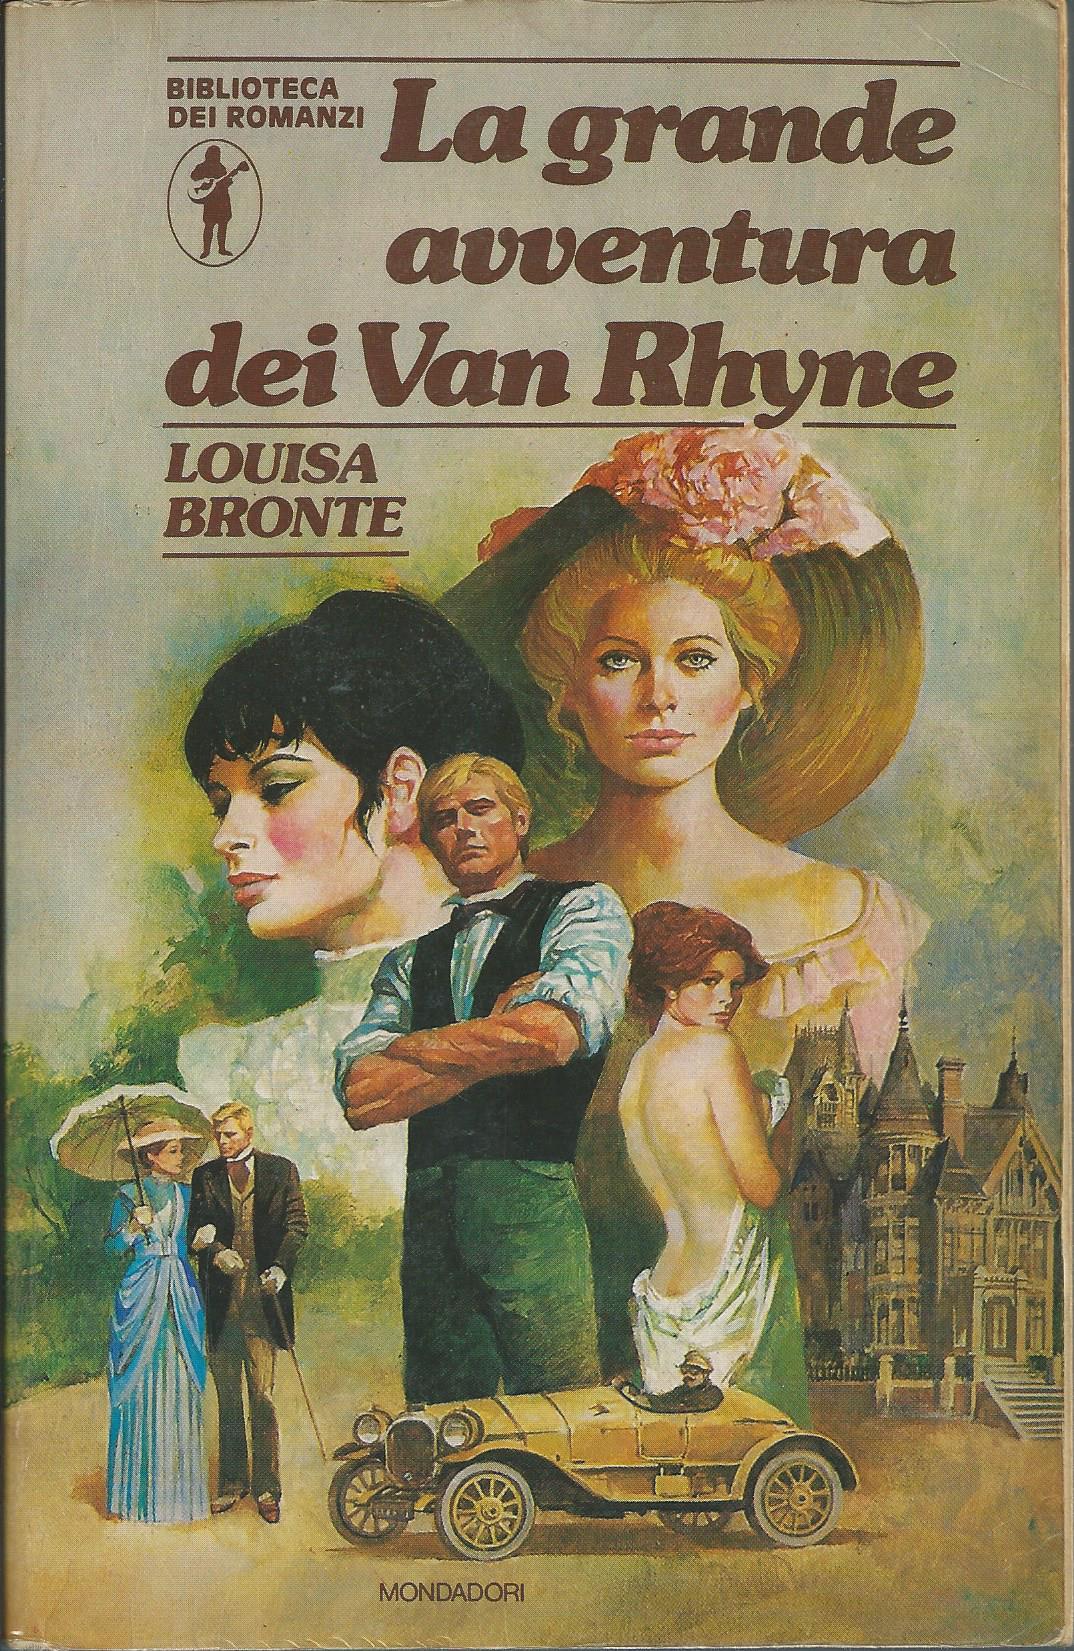 La grande avventura dei Van Rhyne